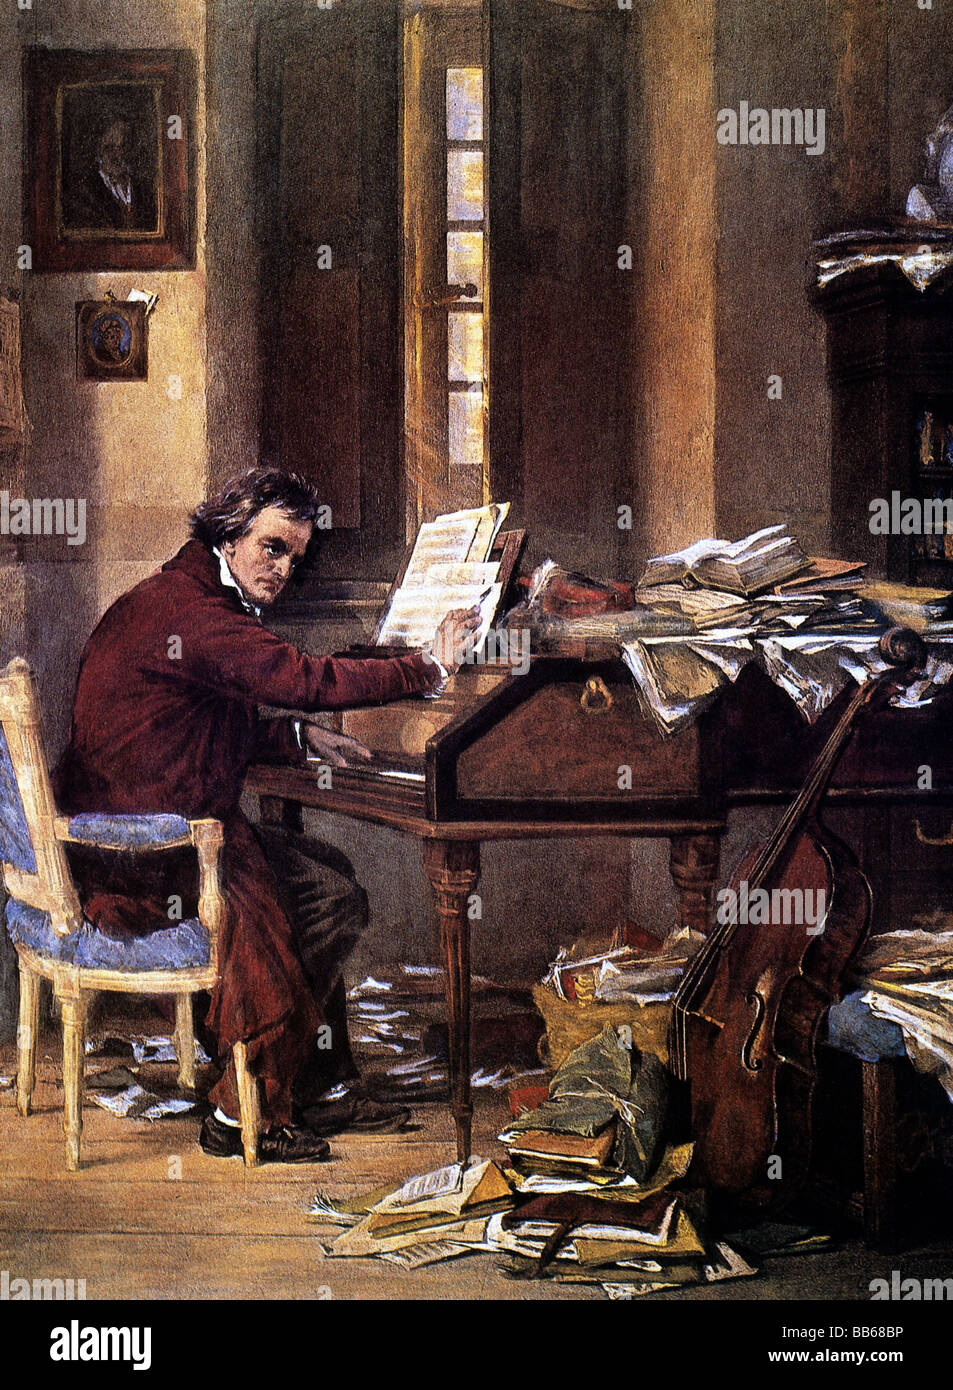 Beethoven, Ludwig van, 17.12.1770 - 26.3.1827, del compositore tedesco, a mezza lunghezza e sul lavoro, la storia Immagini Stock